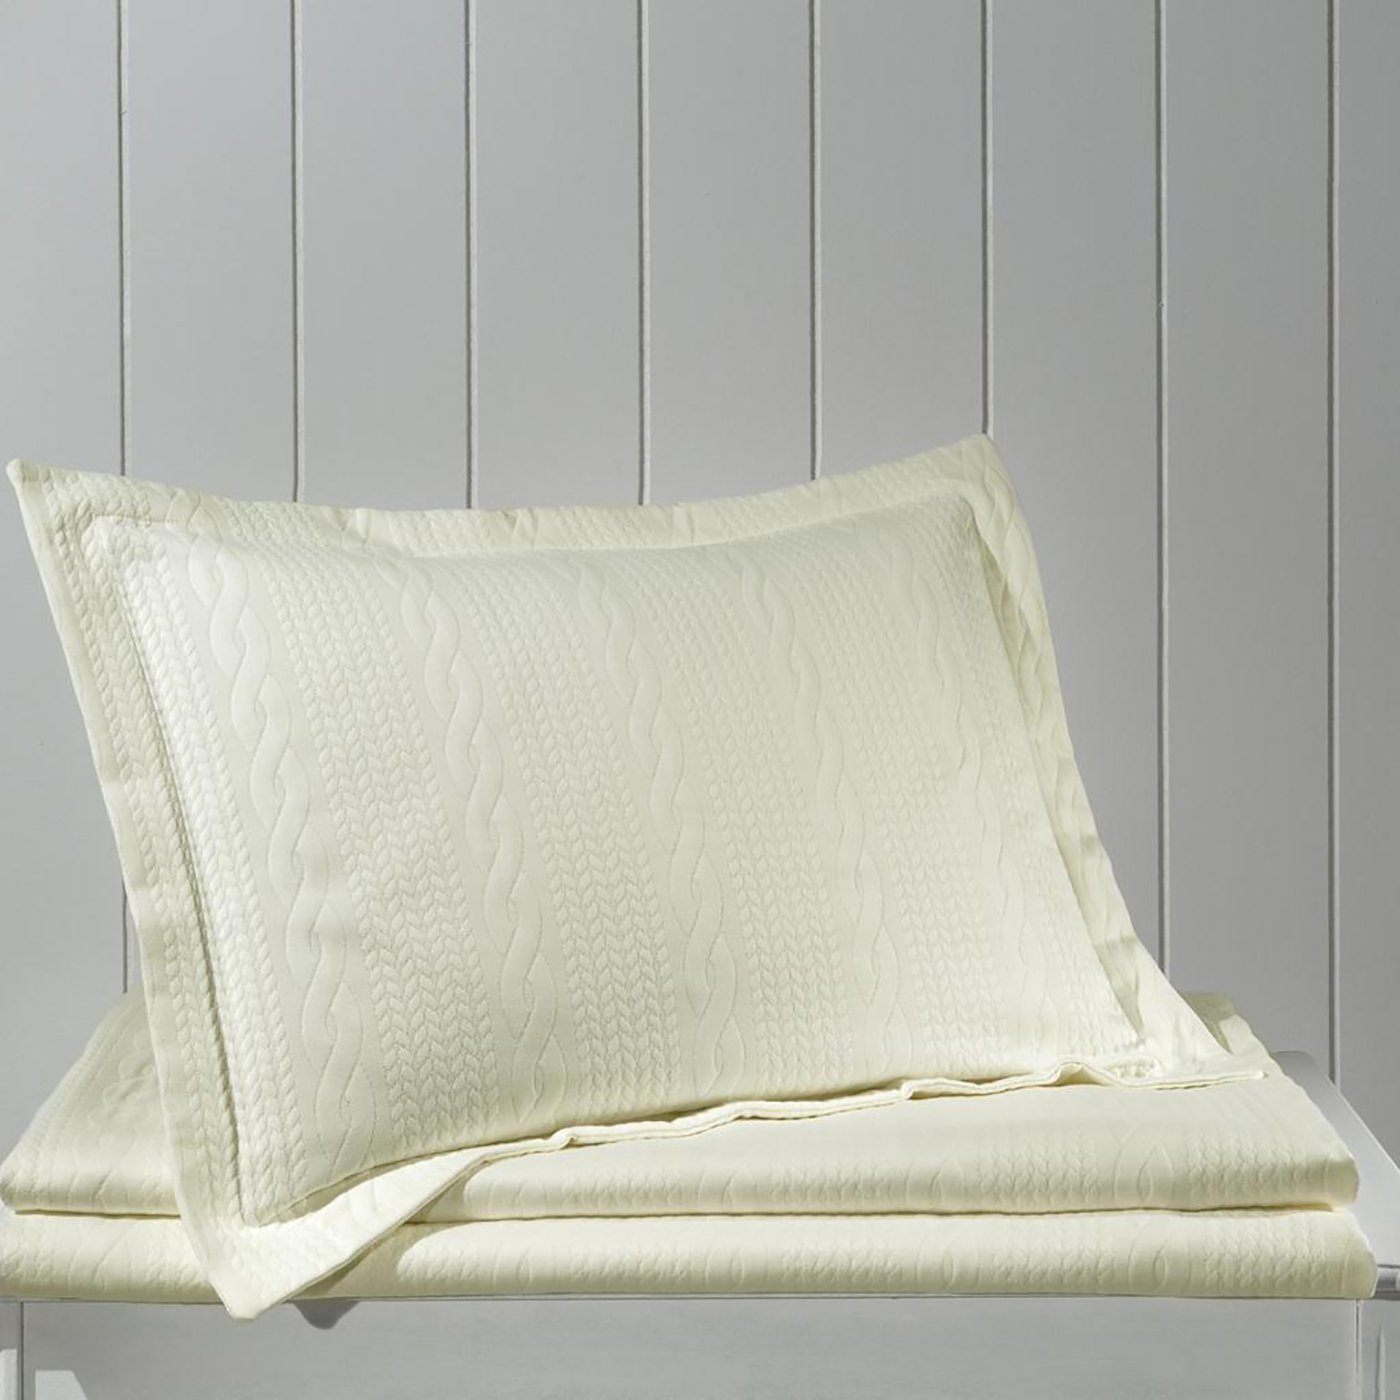 Купить Комплект постельного белья Chloe Euro, inmyroom, Турция